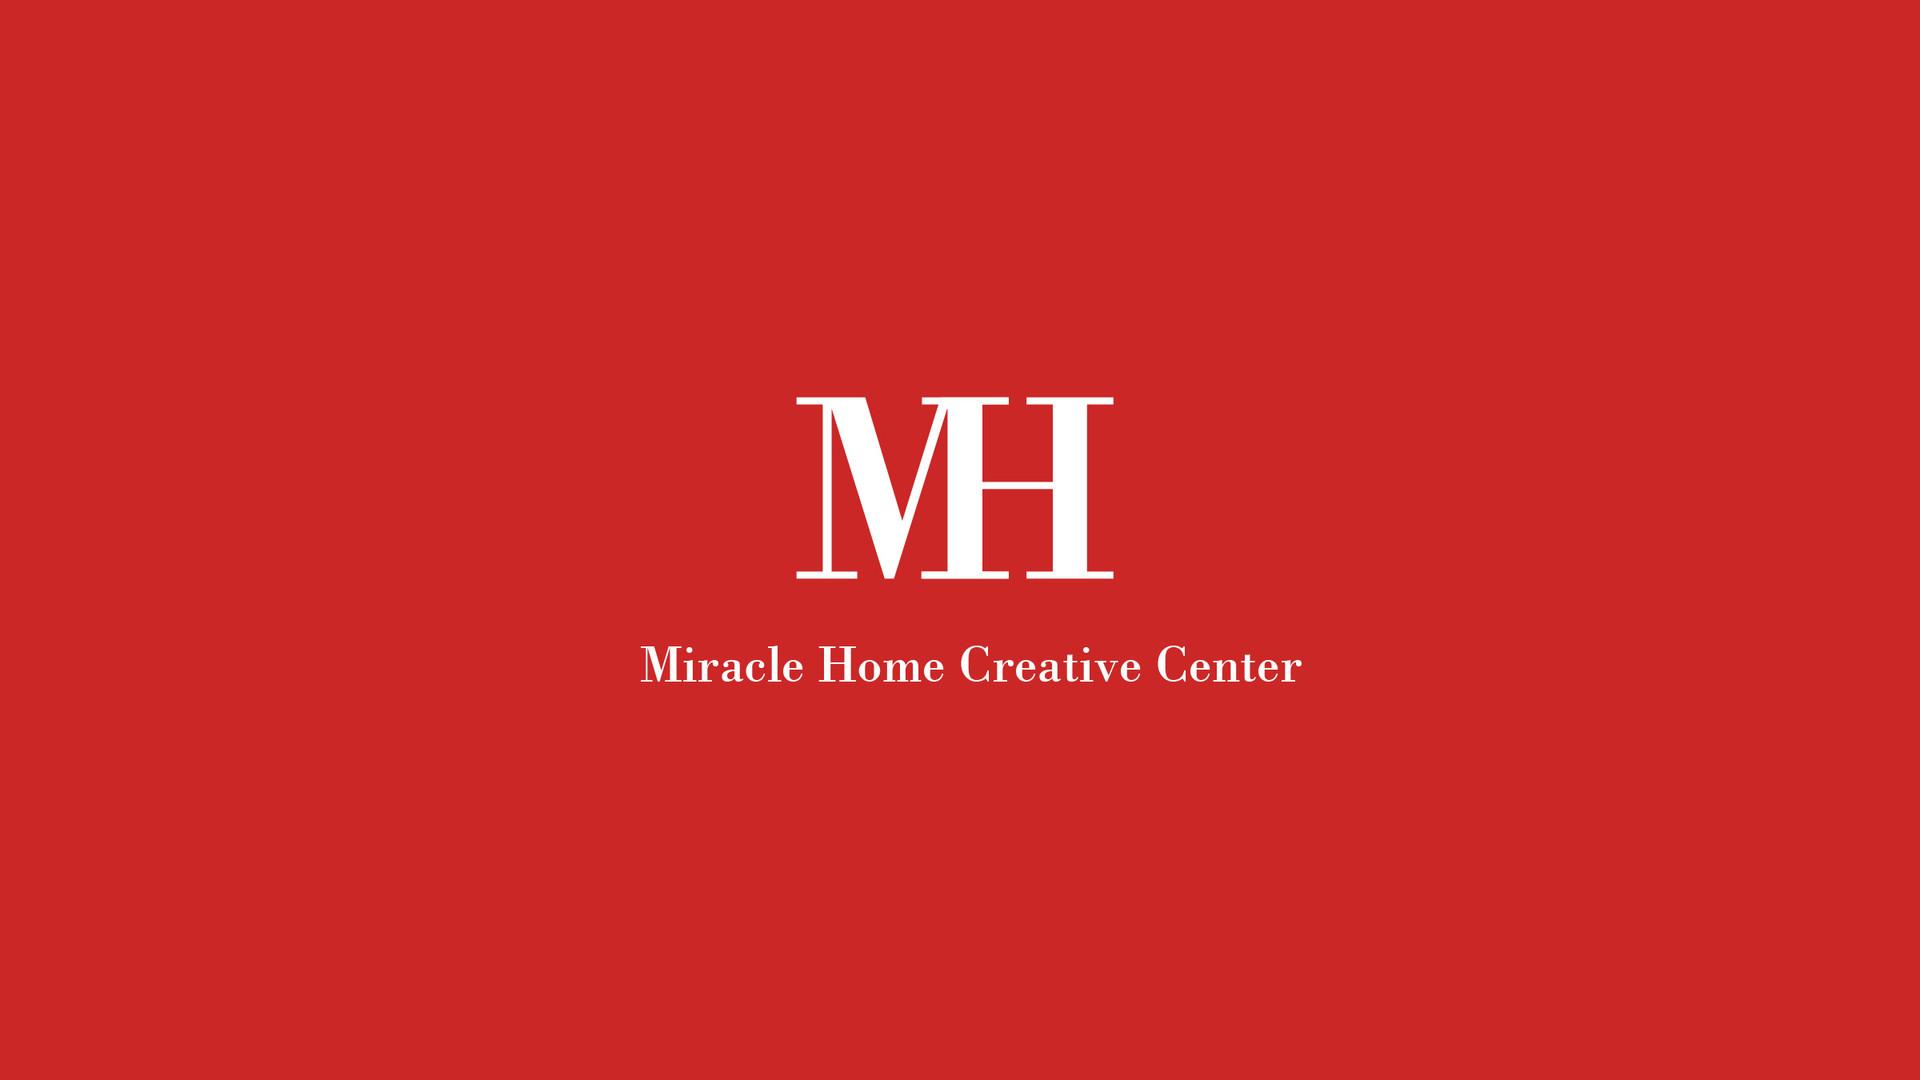 MHCC - Chicago